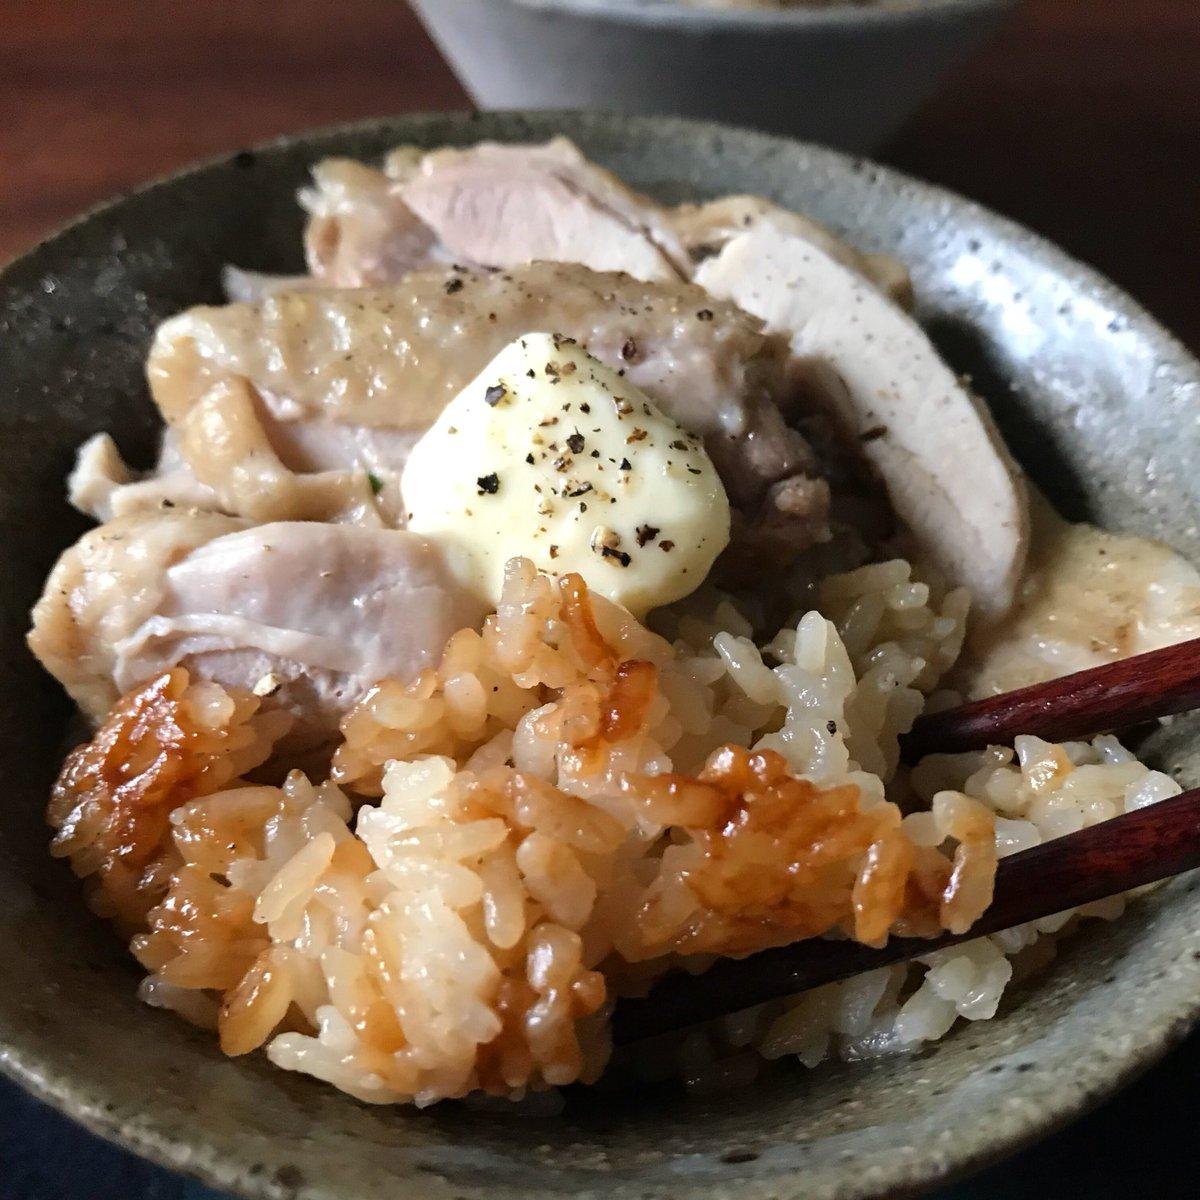 【レシピ】『だし醤油鶏飯』塩をすりこんだ鶏肉をドーンとお米に乗せ、市販のだし醤油で炊くだけ